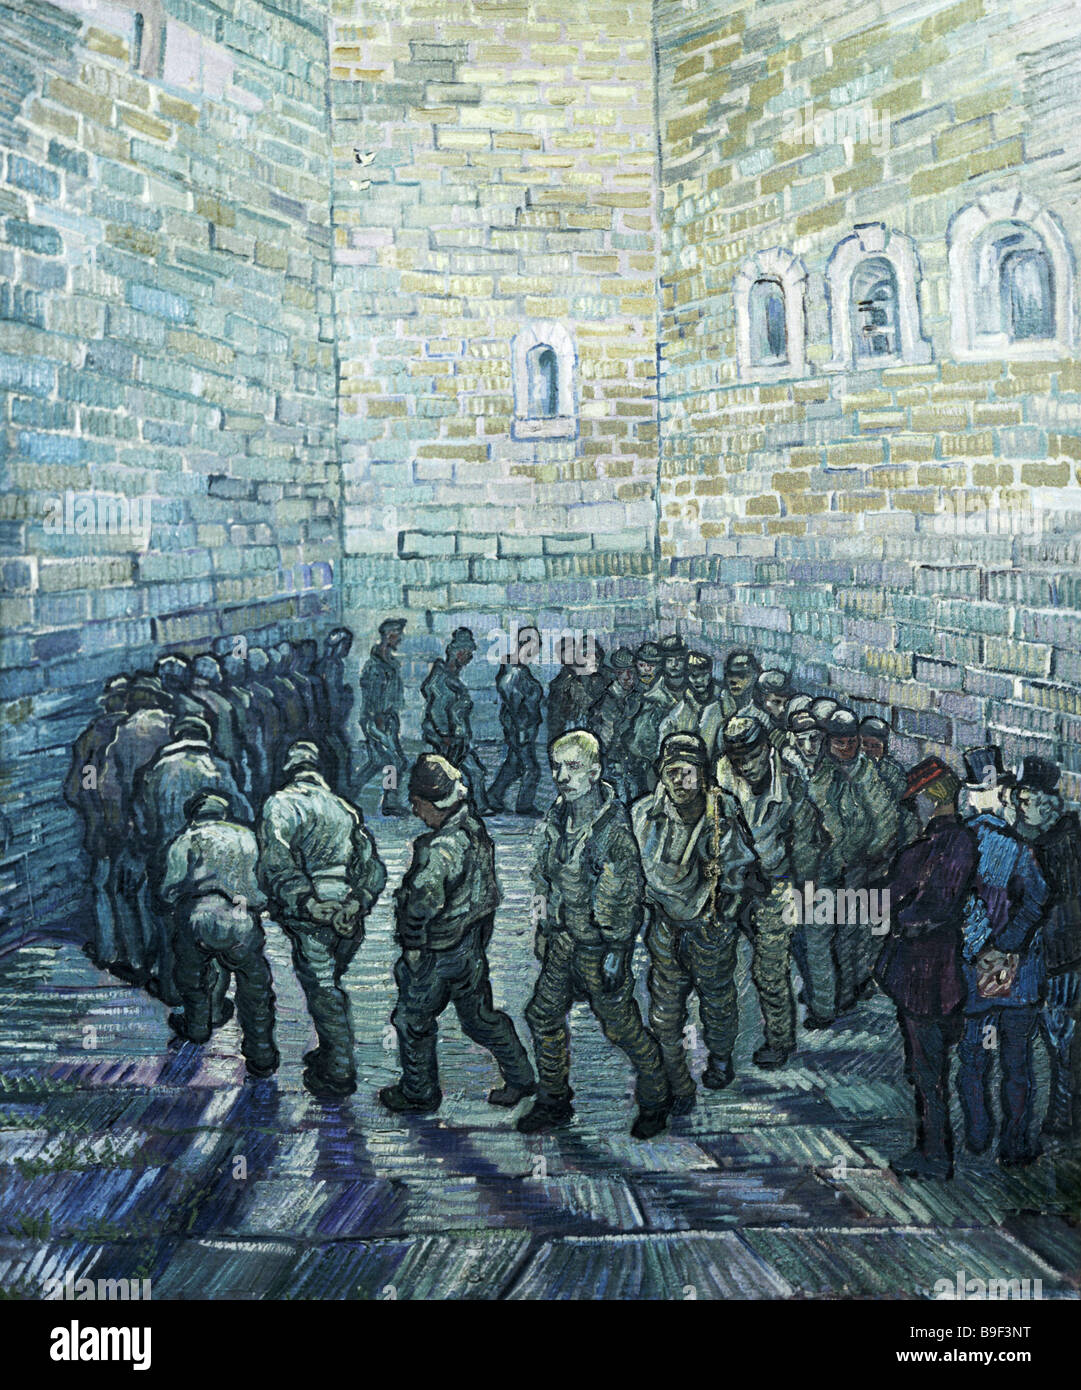 Das Gefängnis Courtyard by Vincent Van Gogh 1889 Reproduktion Sammlung des staatlichen Puschkin Museum der bildenden Stockfoto